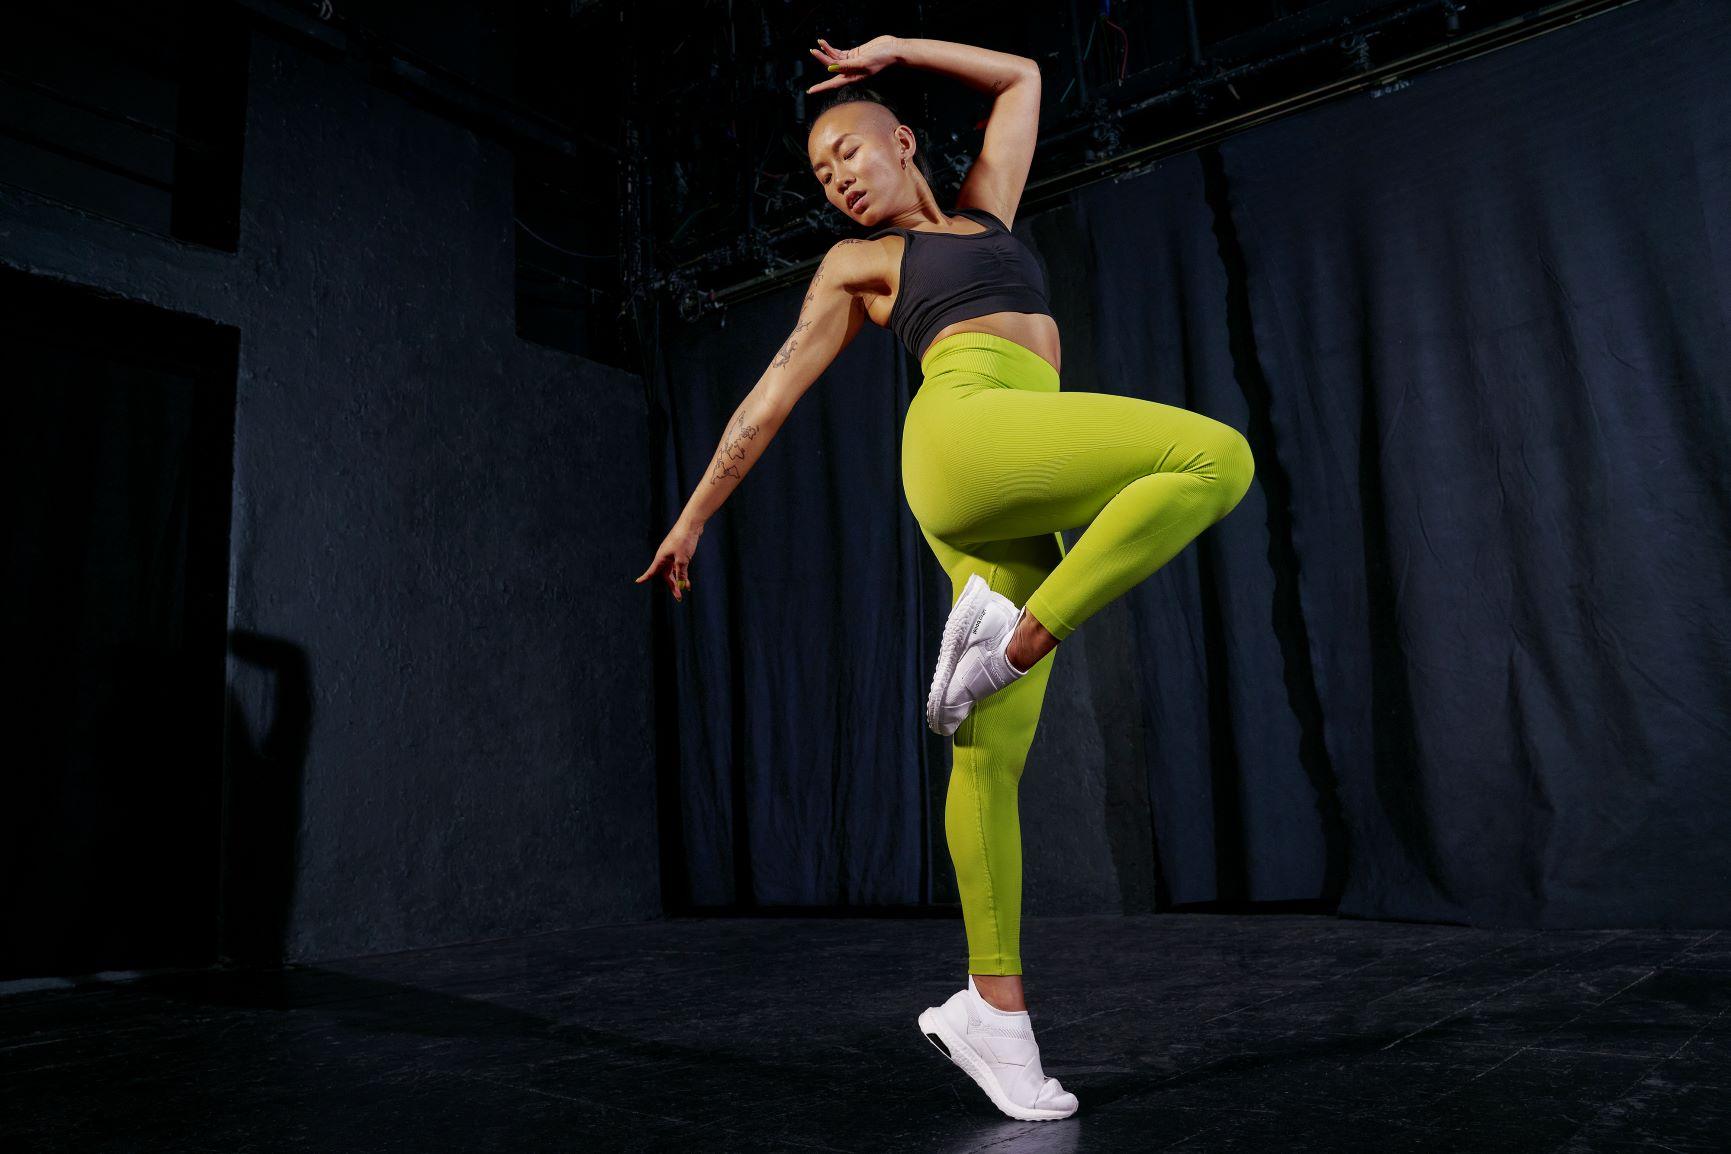 Watch Us Move: O campanie dedicată femeilor, lansată de unul dintre marile branduri sport